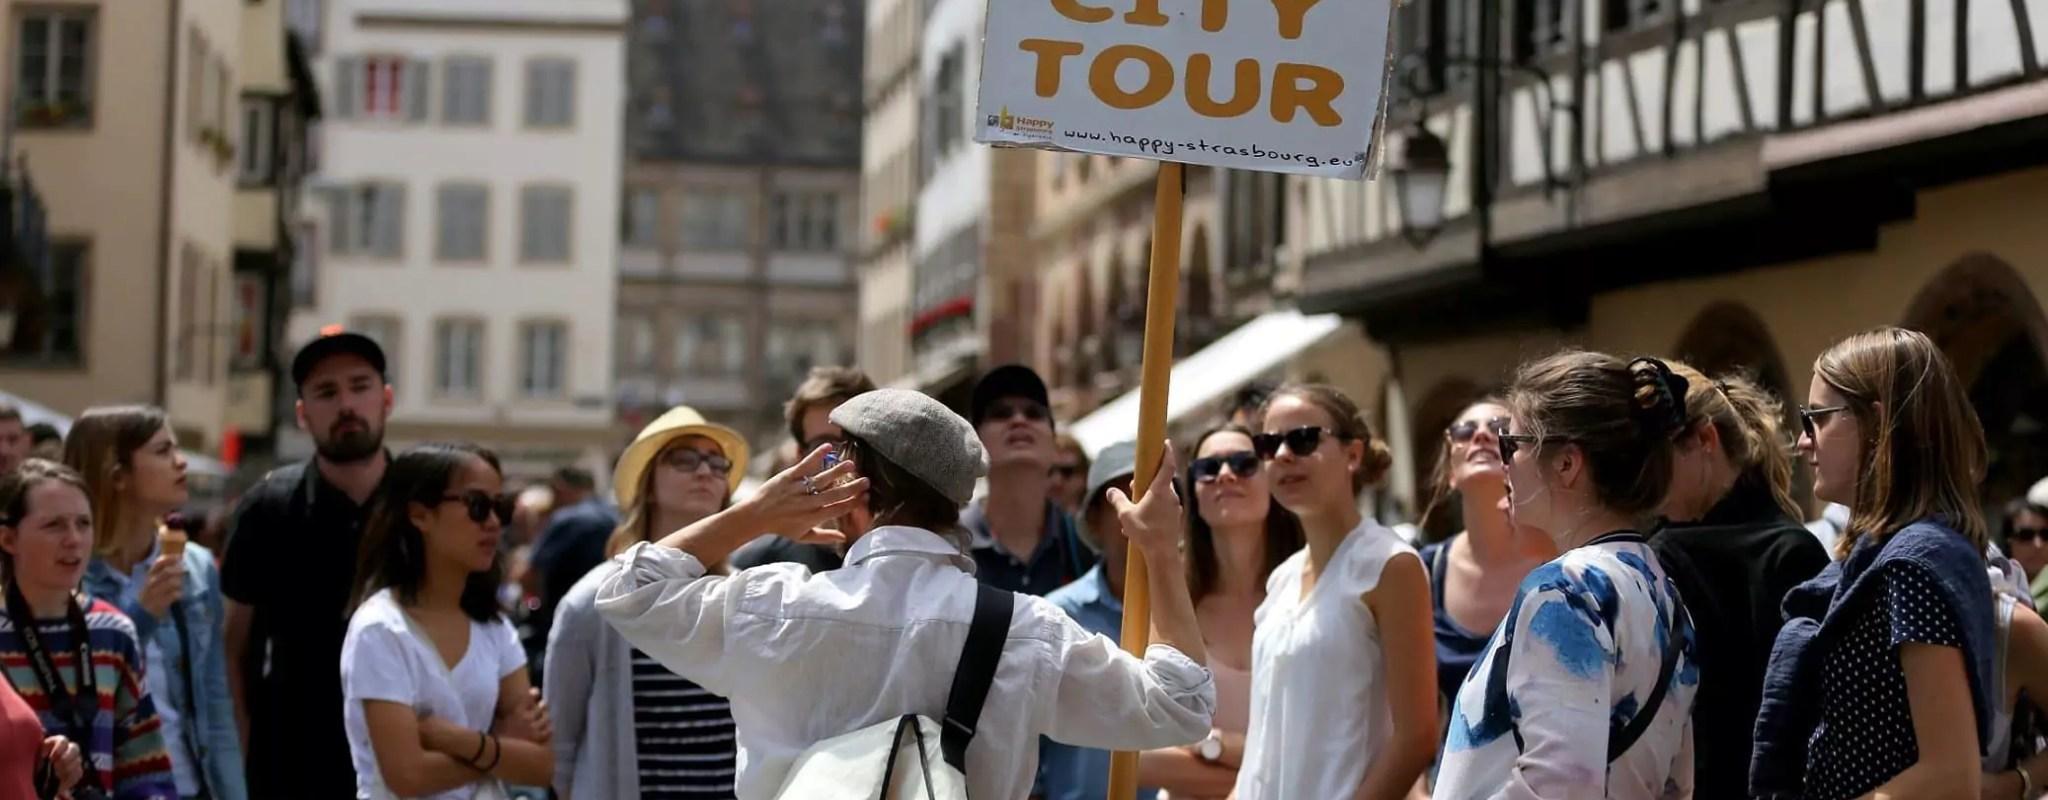 Le succès des «free tours» inquiète les guides-conférenciers